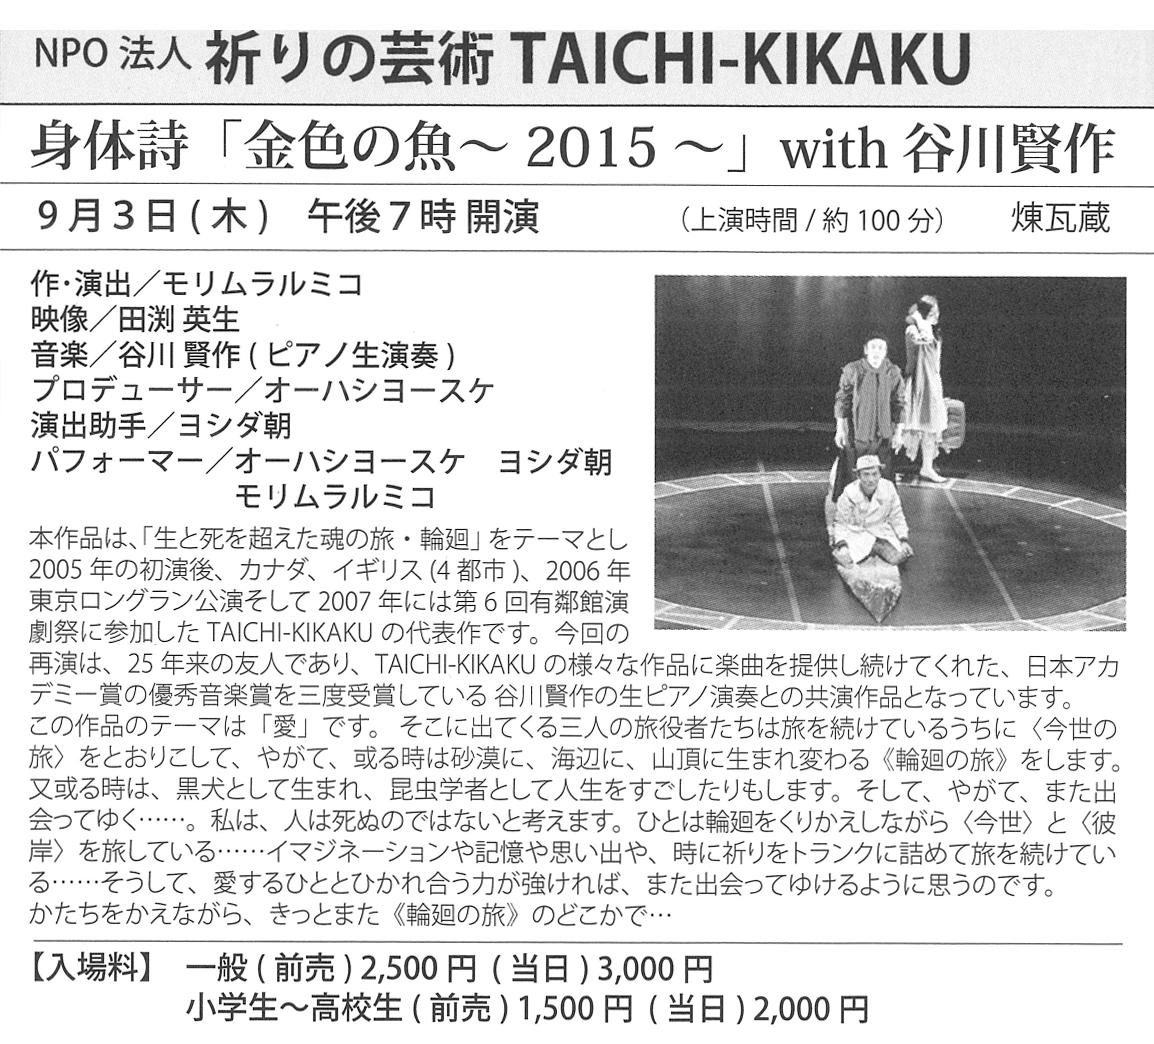 NPO法人祈りの芸術TAICHI-KIKAKU 9/3